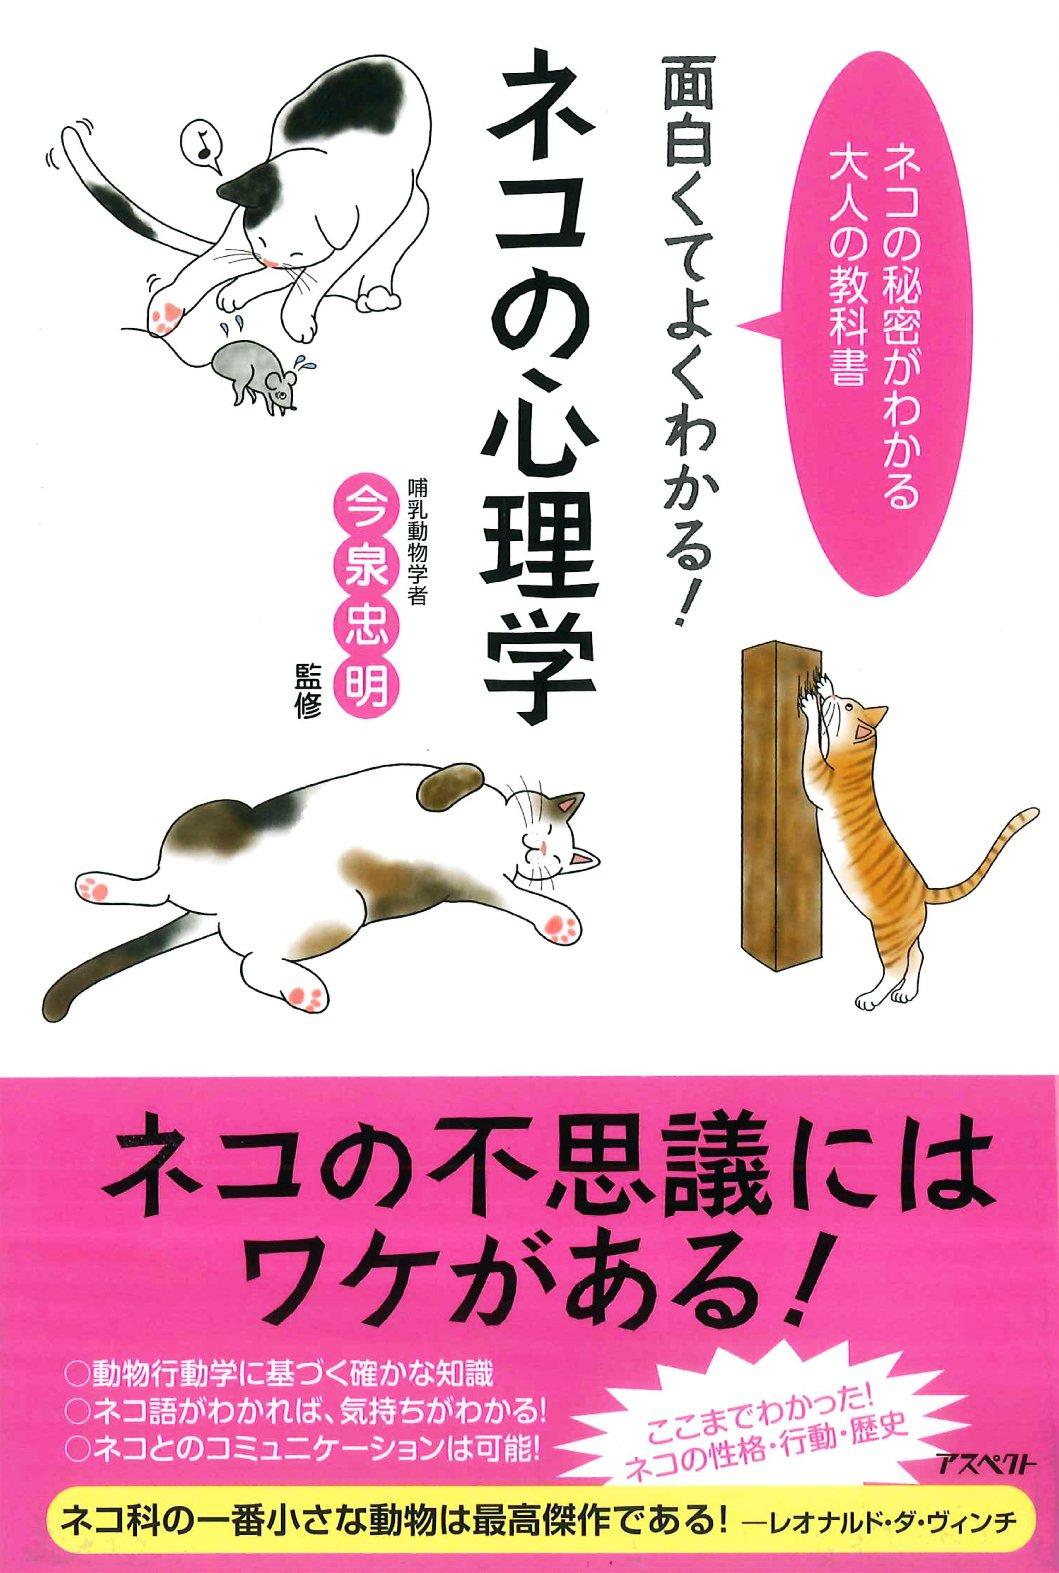 Omoshirokute yoku wakaru neko no shinrigaku : neko no himitsu ga wakaru otona no kyōkasho pdf